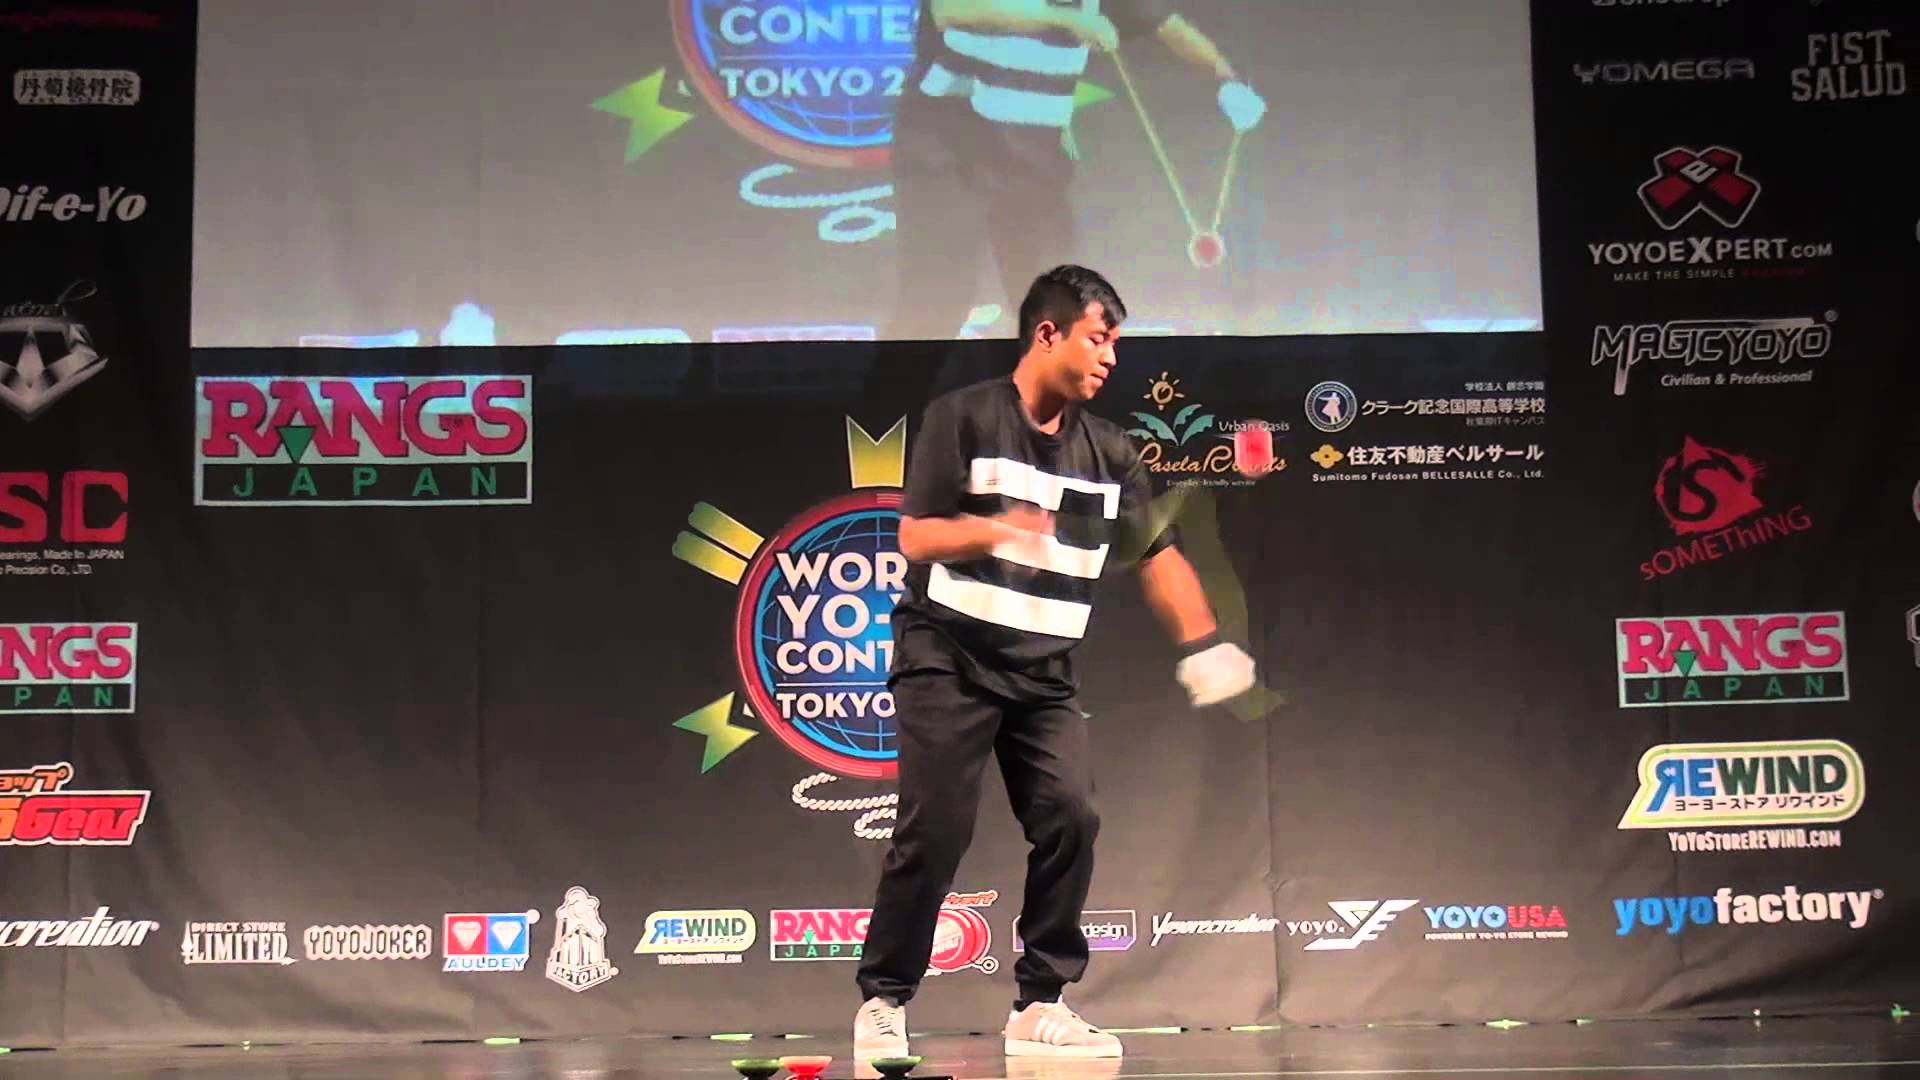 Yo-Yo Tricks with an unattached string